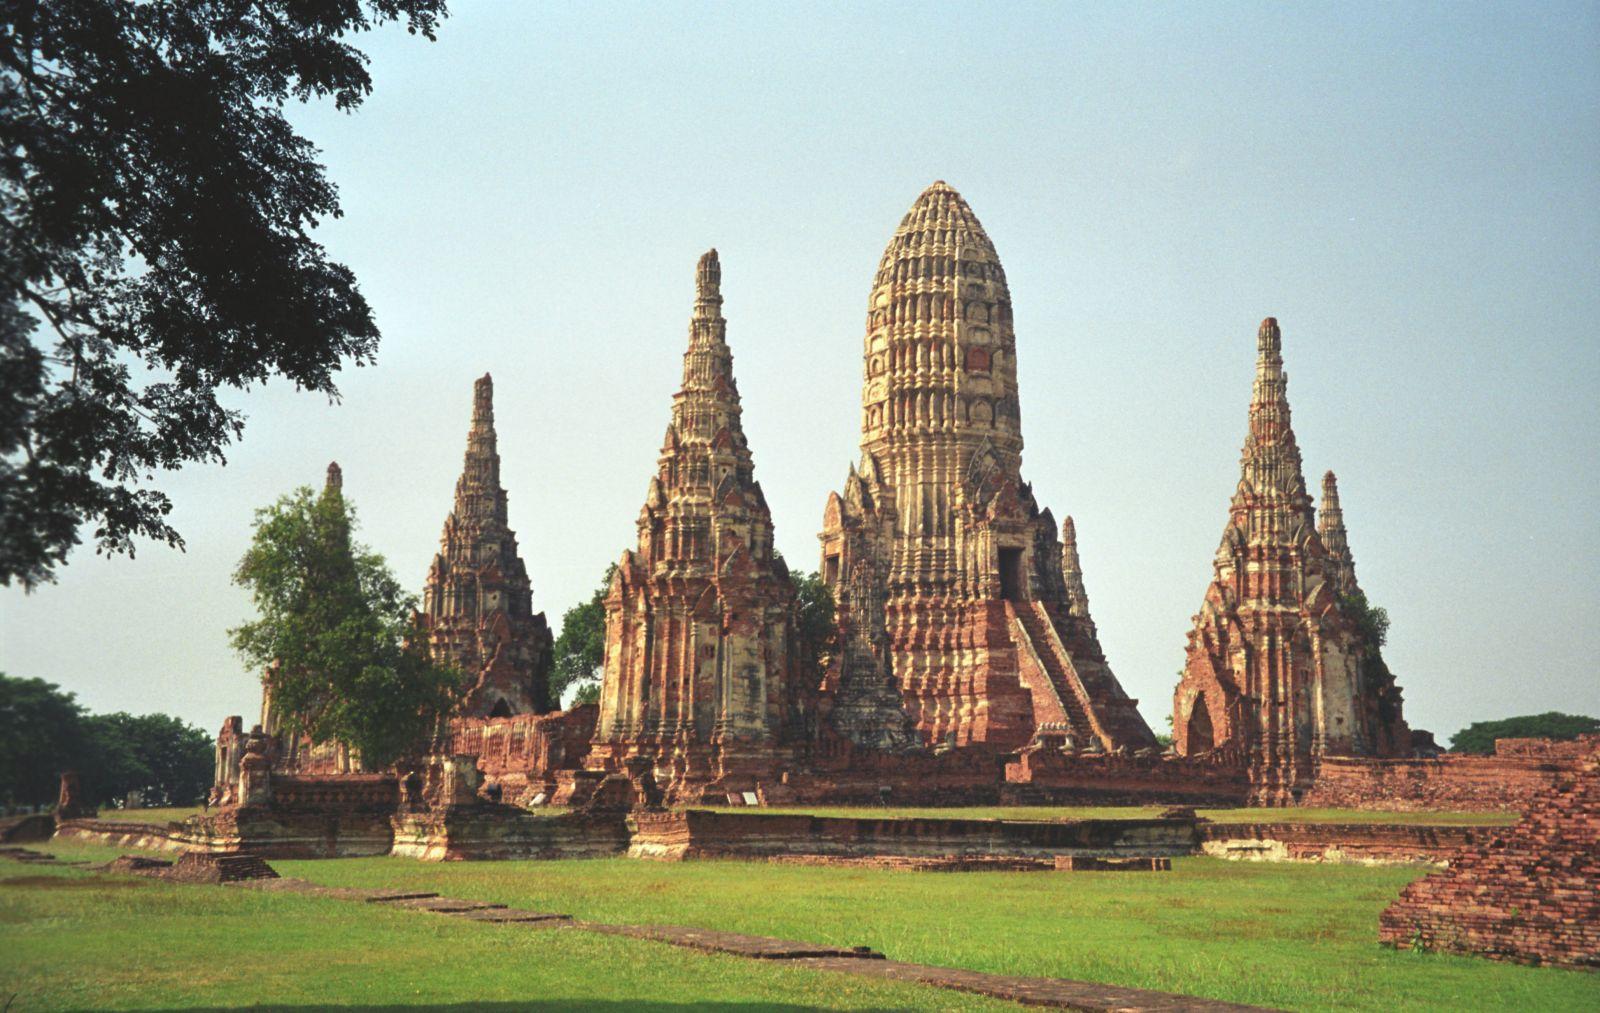 Thailand, rondreis thailand, thailand rondreizen, tips vakantie thailand